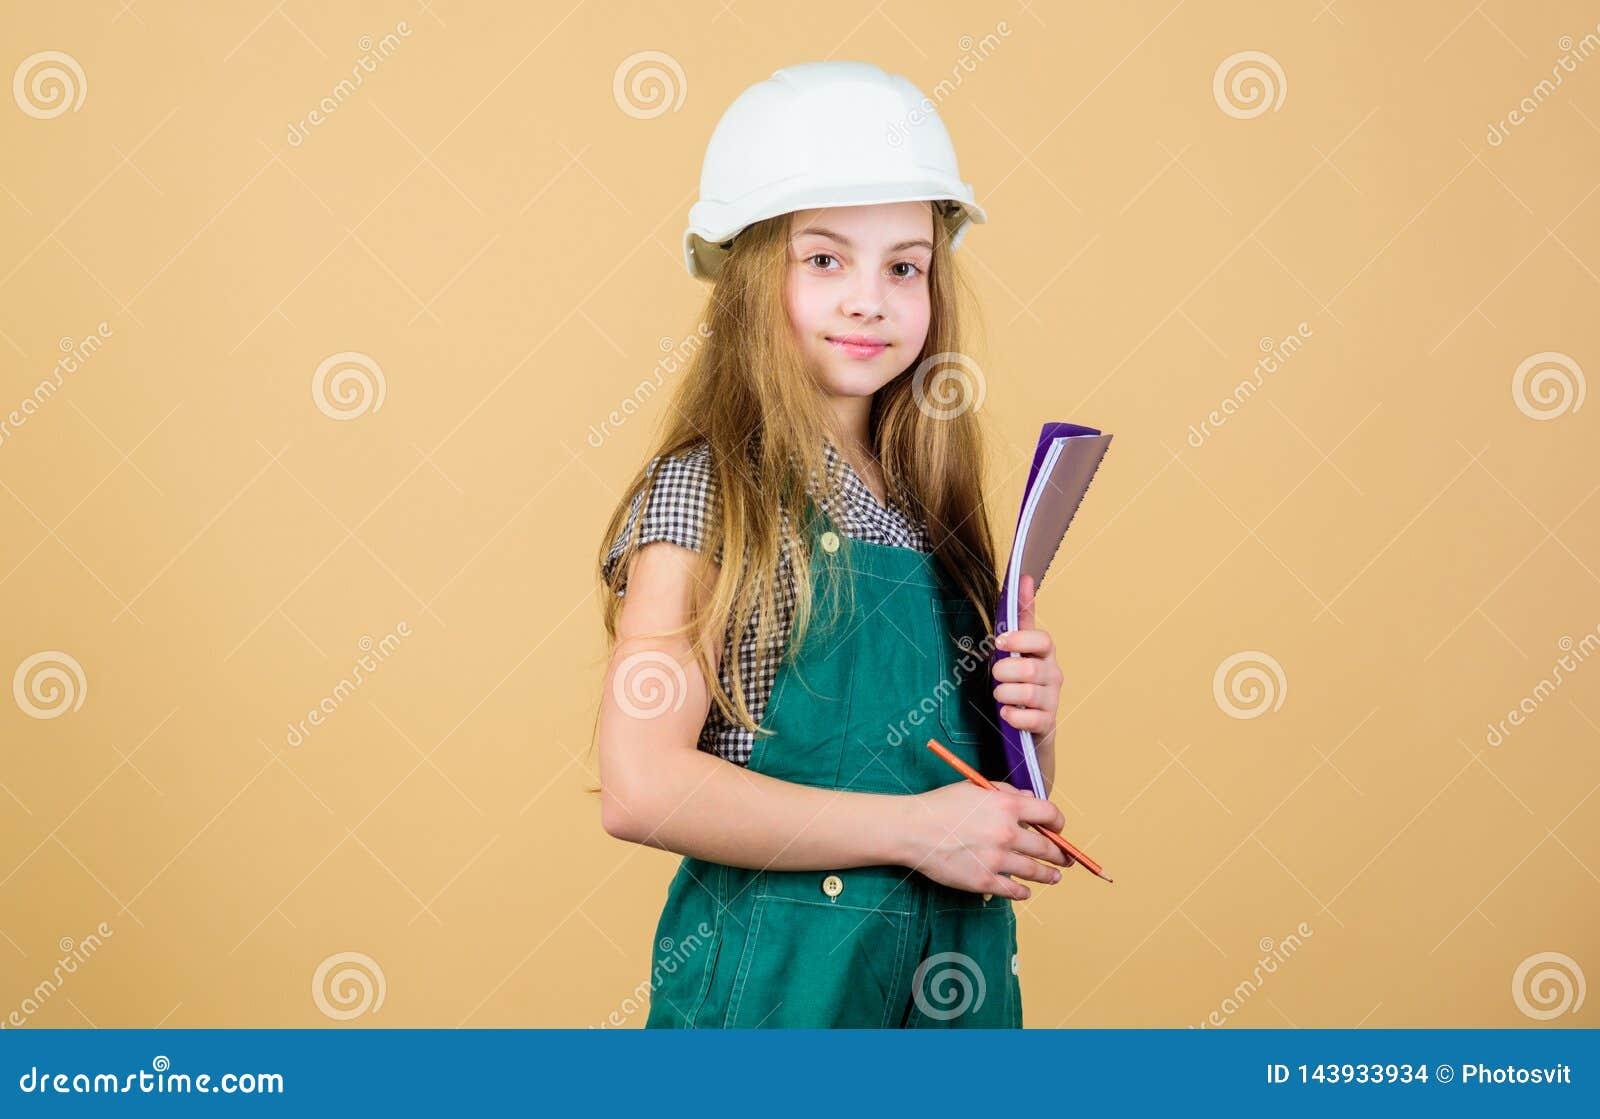 Schaffen Sie Raum, den Sie immer träumten Steuererneuerungsprozeß Kinderglückliches Erneuerungshaus Heimwerkentätigkeit zicklein